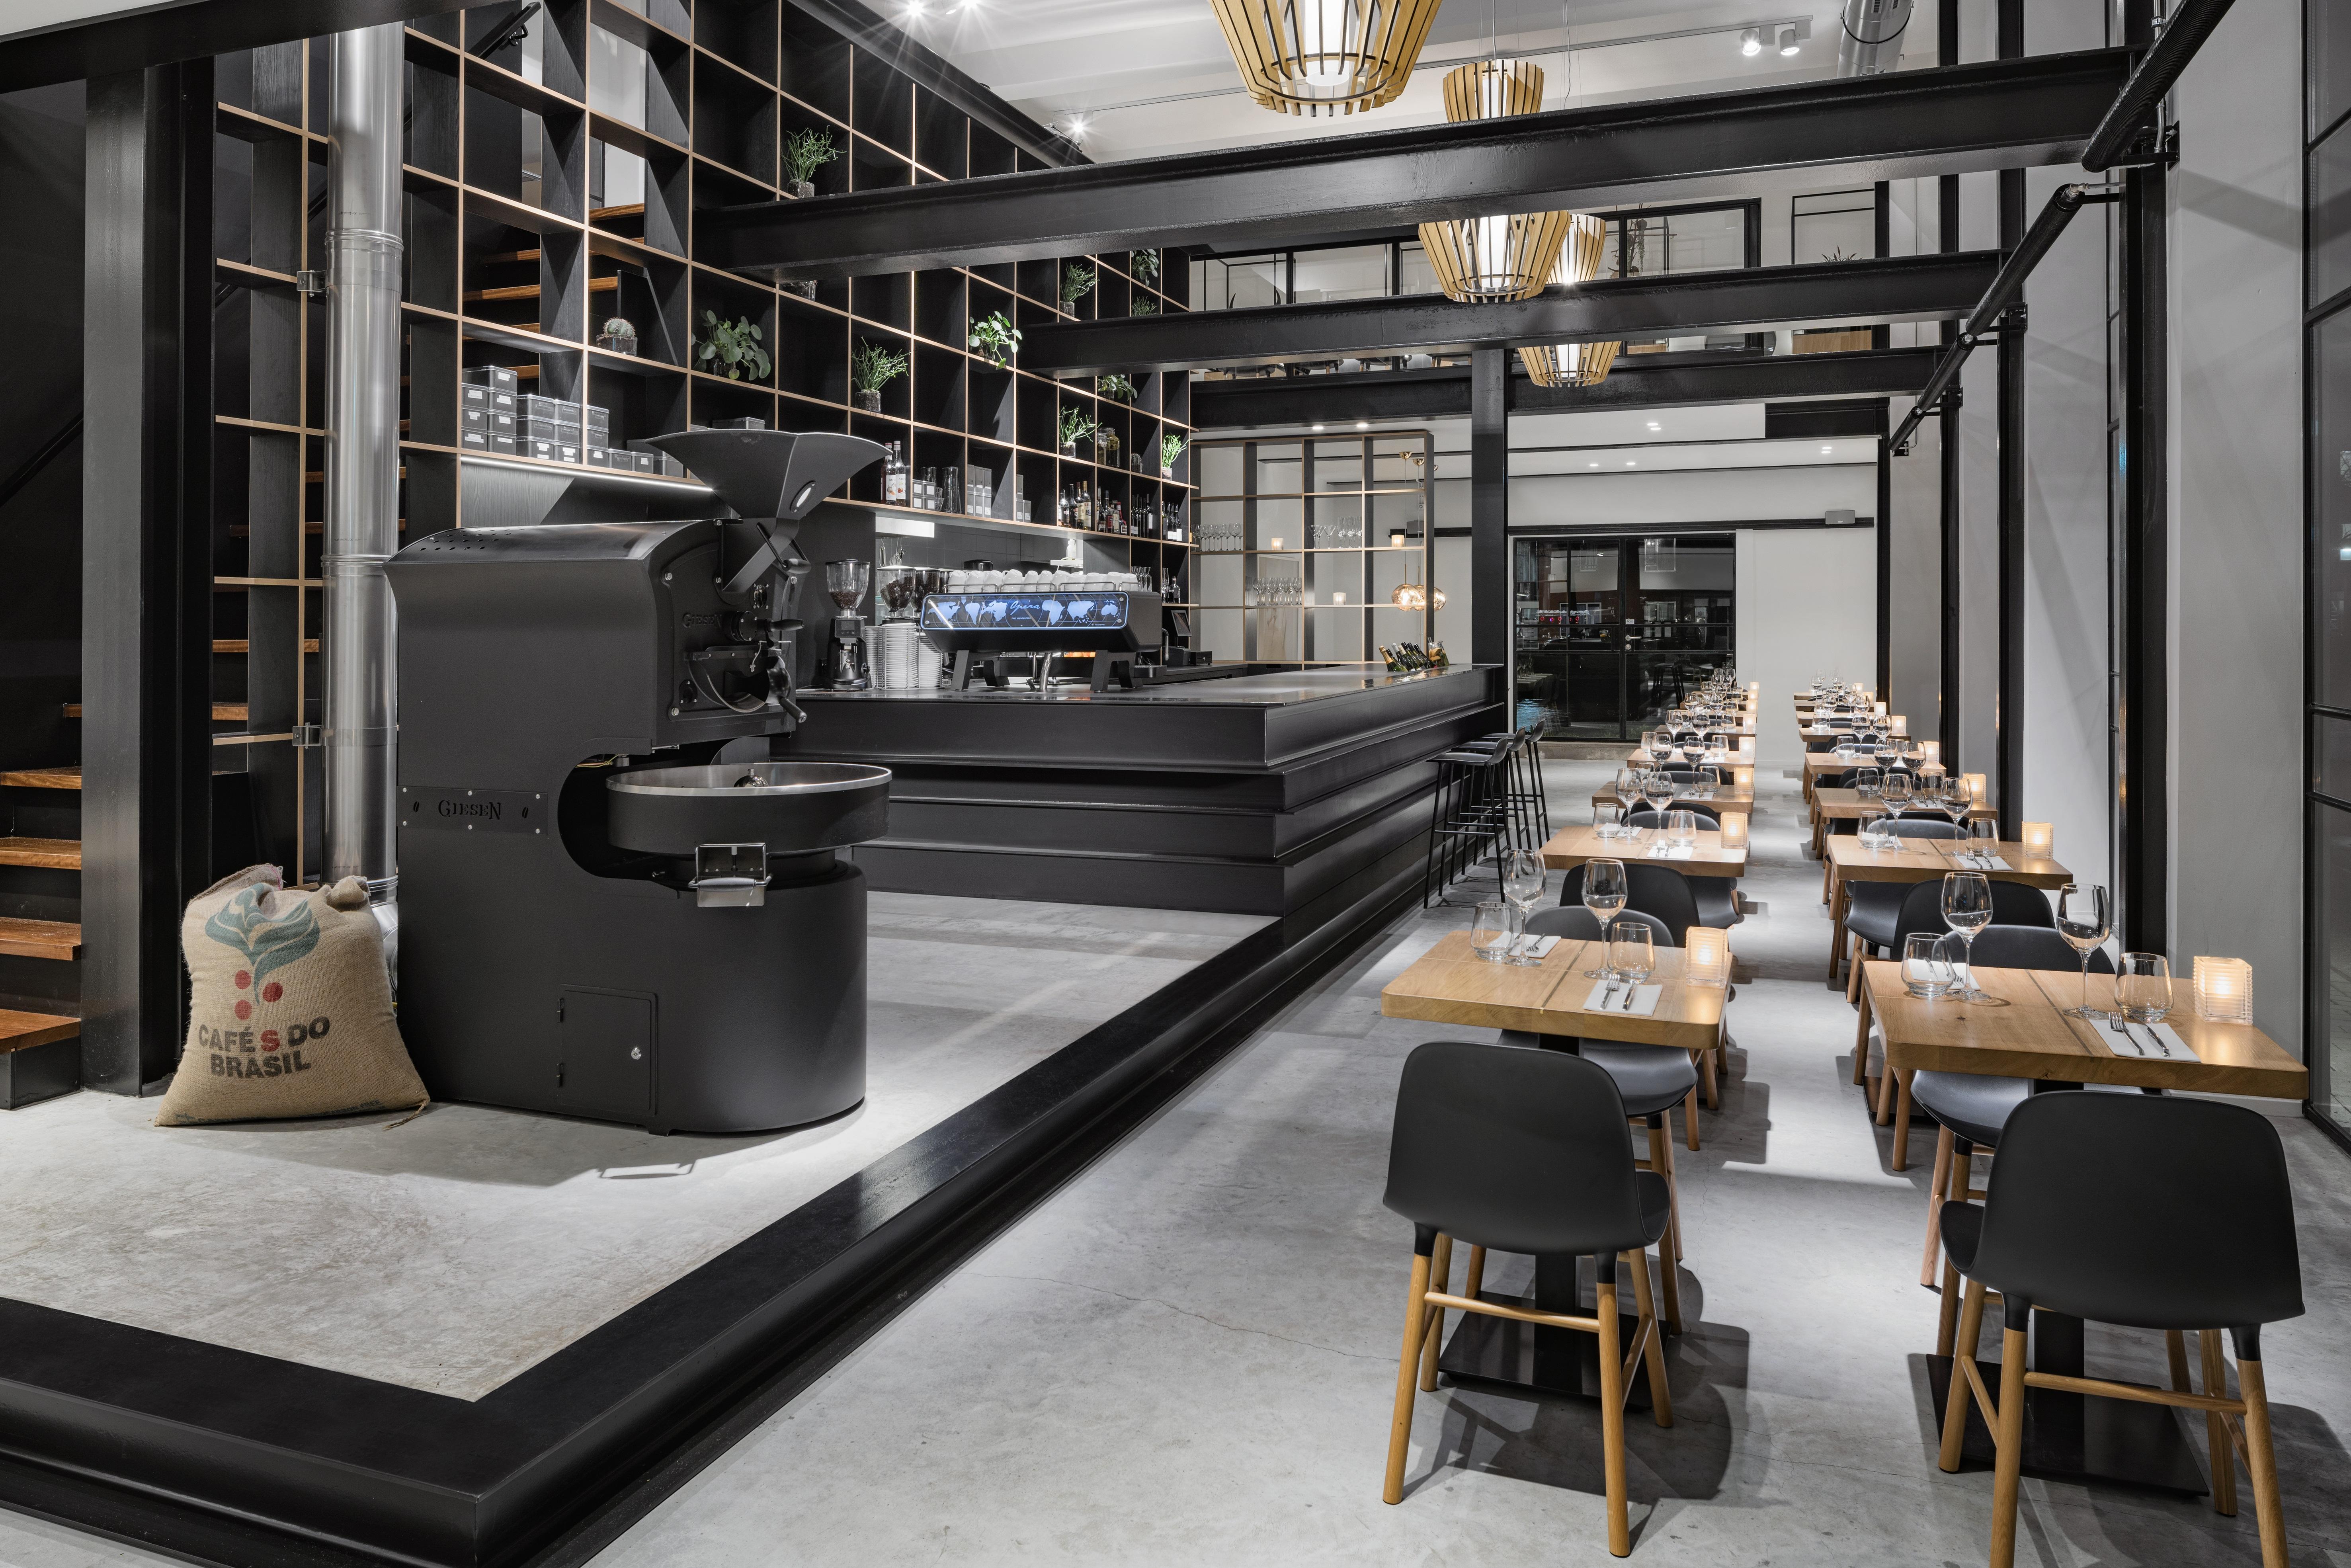 Capriole Café is de Mooiste Venue in de Koffie Top 100 2018